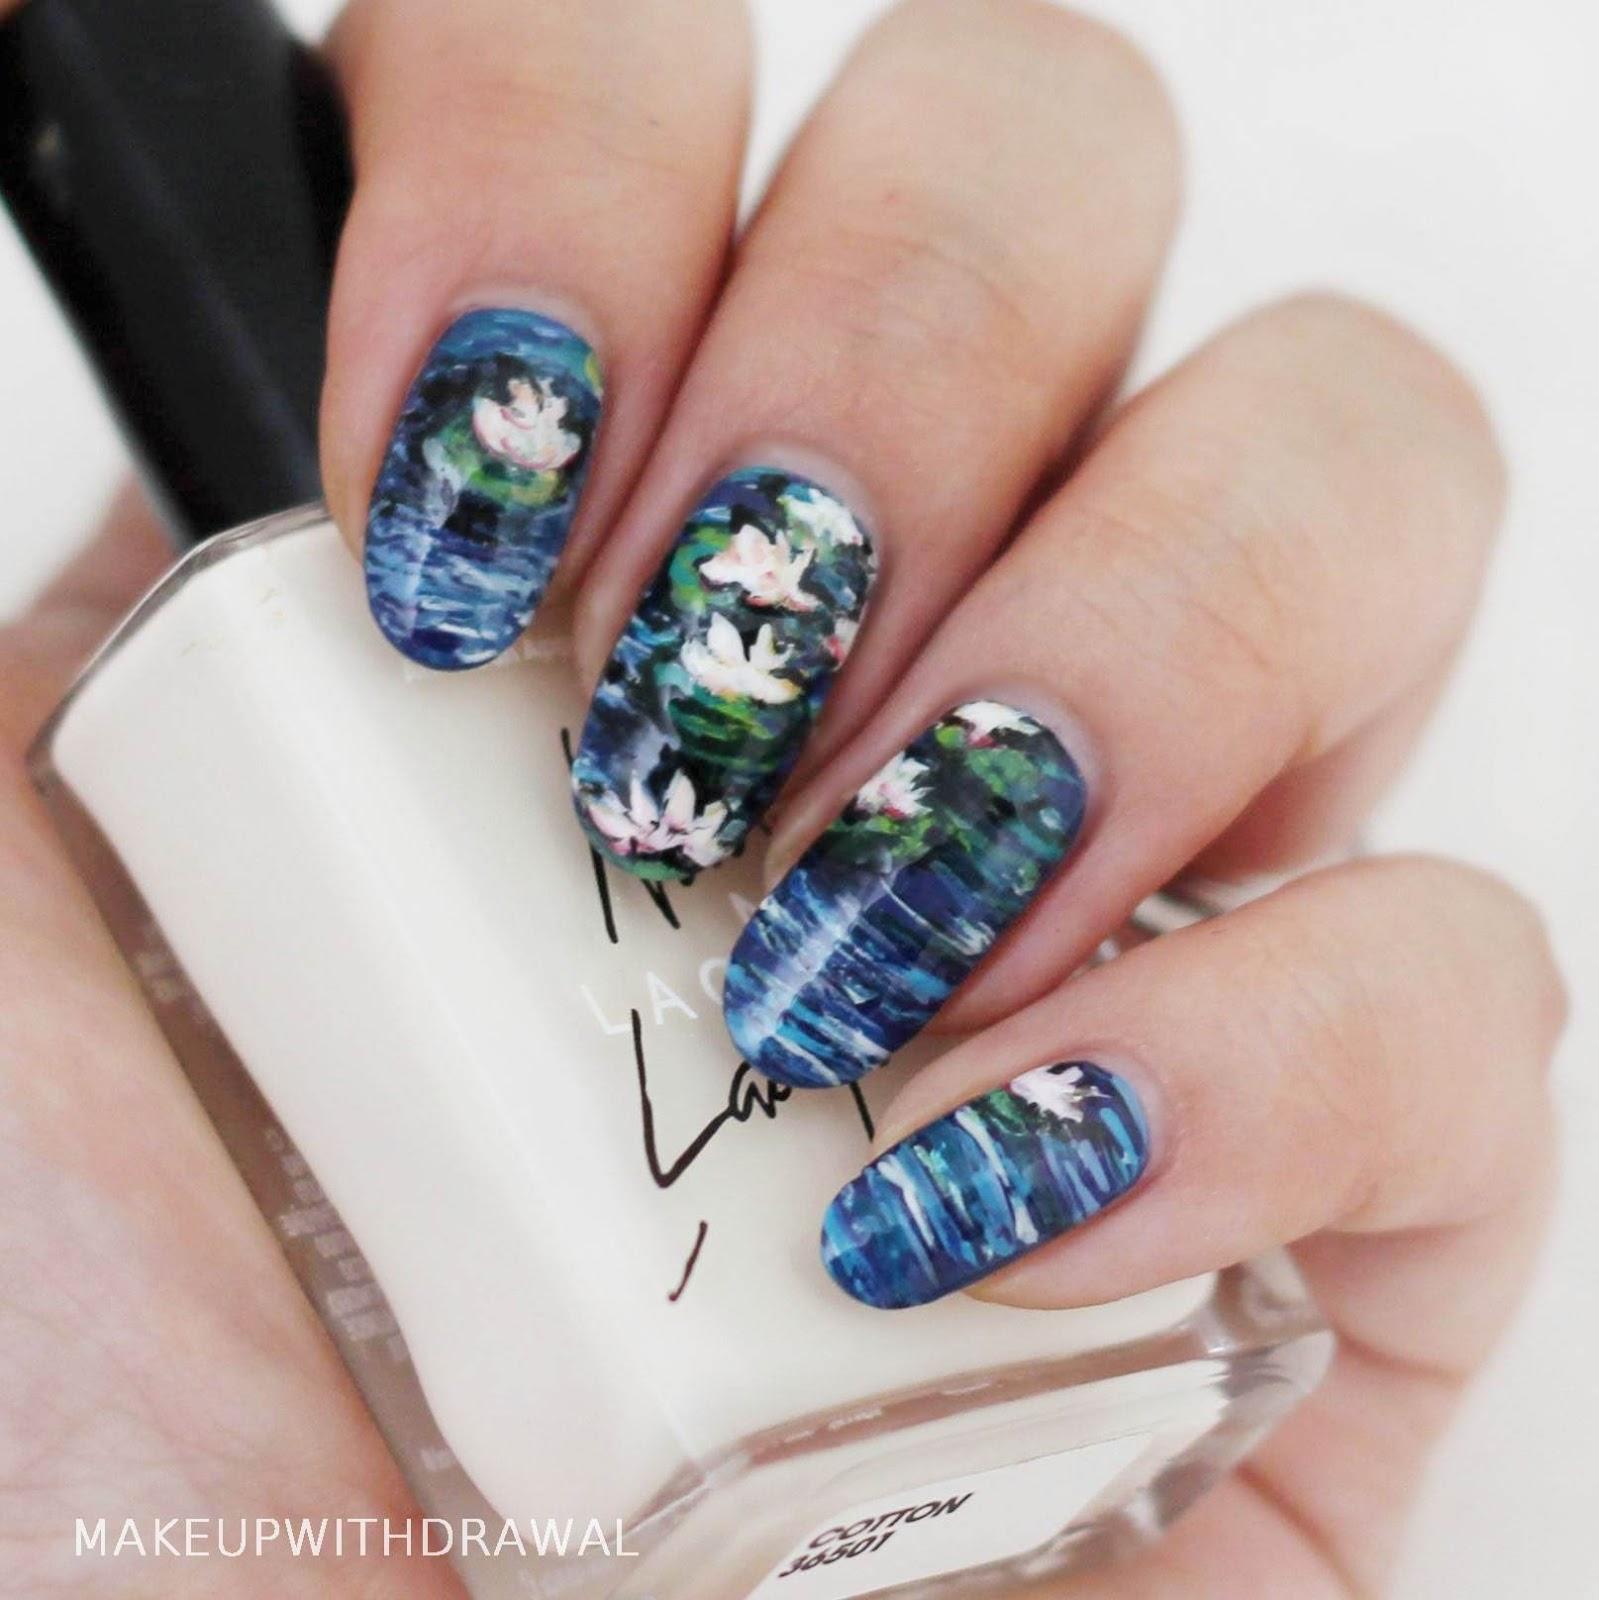 Serum No. 5 Nail Art Spam   Makeup Withdrawal